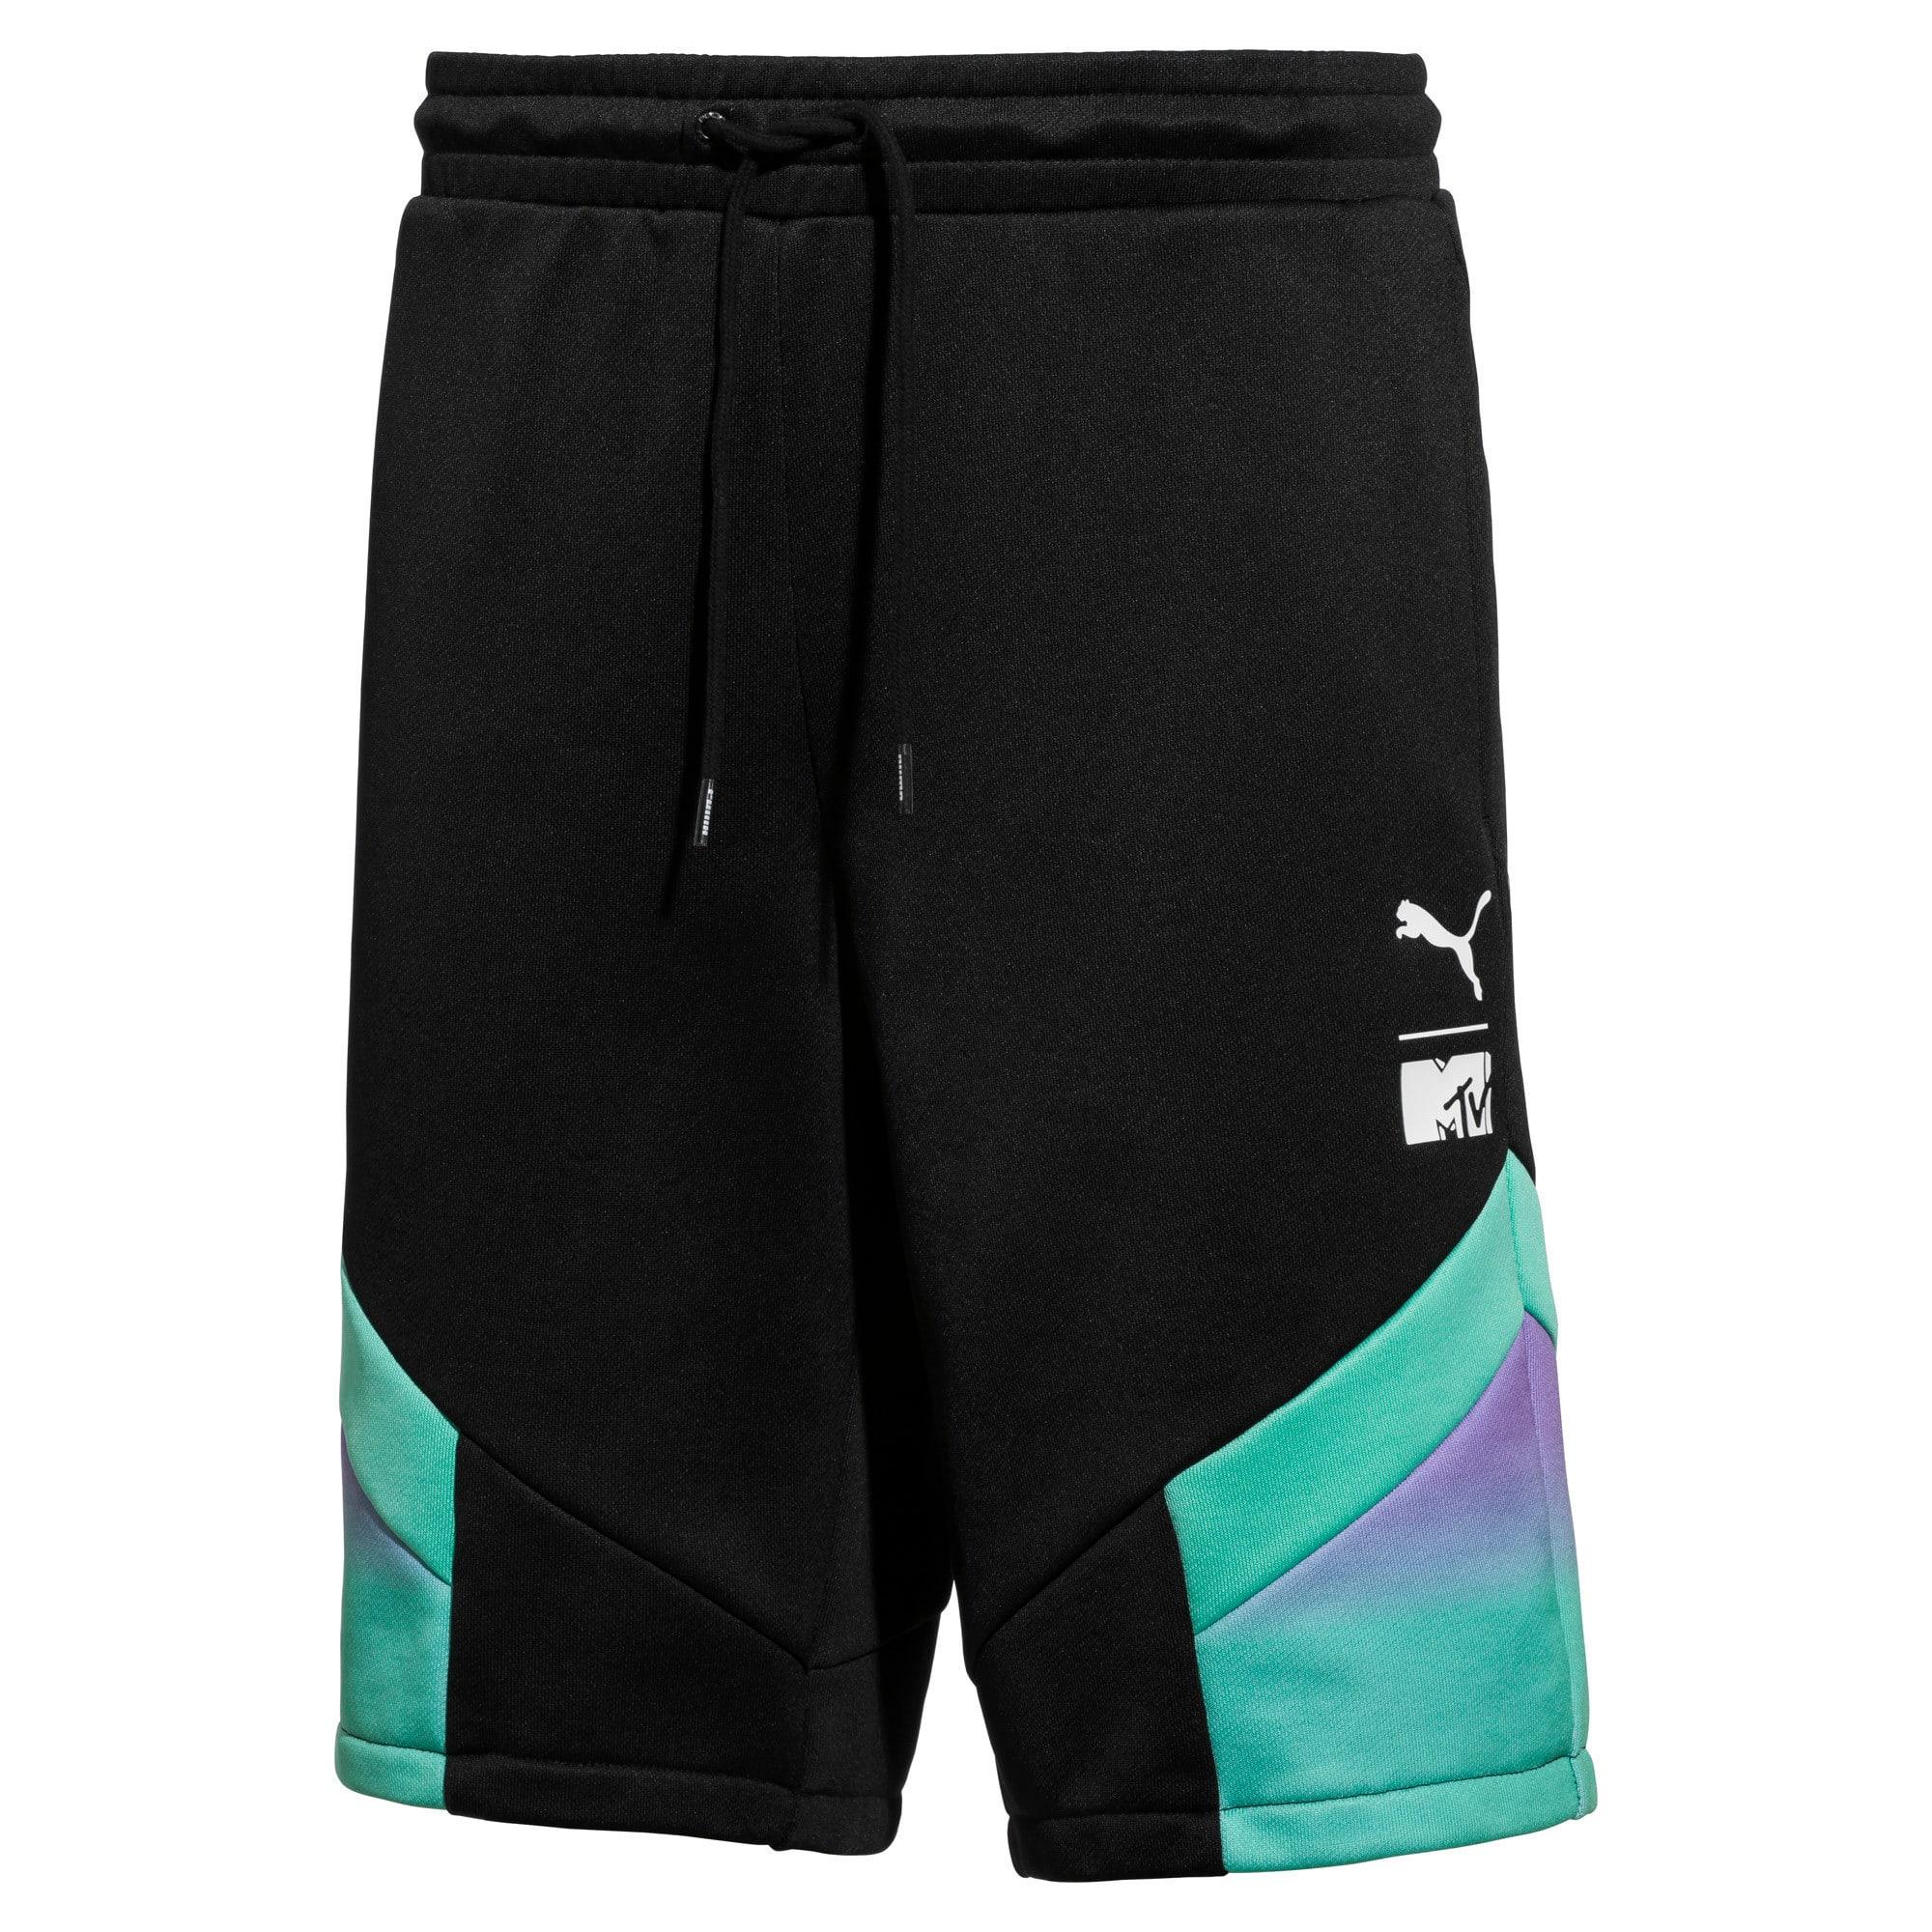 Thumbnail 1 of PUMA x MTV MCS Men's AOP Shorts, Puma Black-AOP, medium